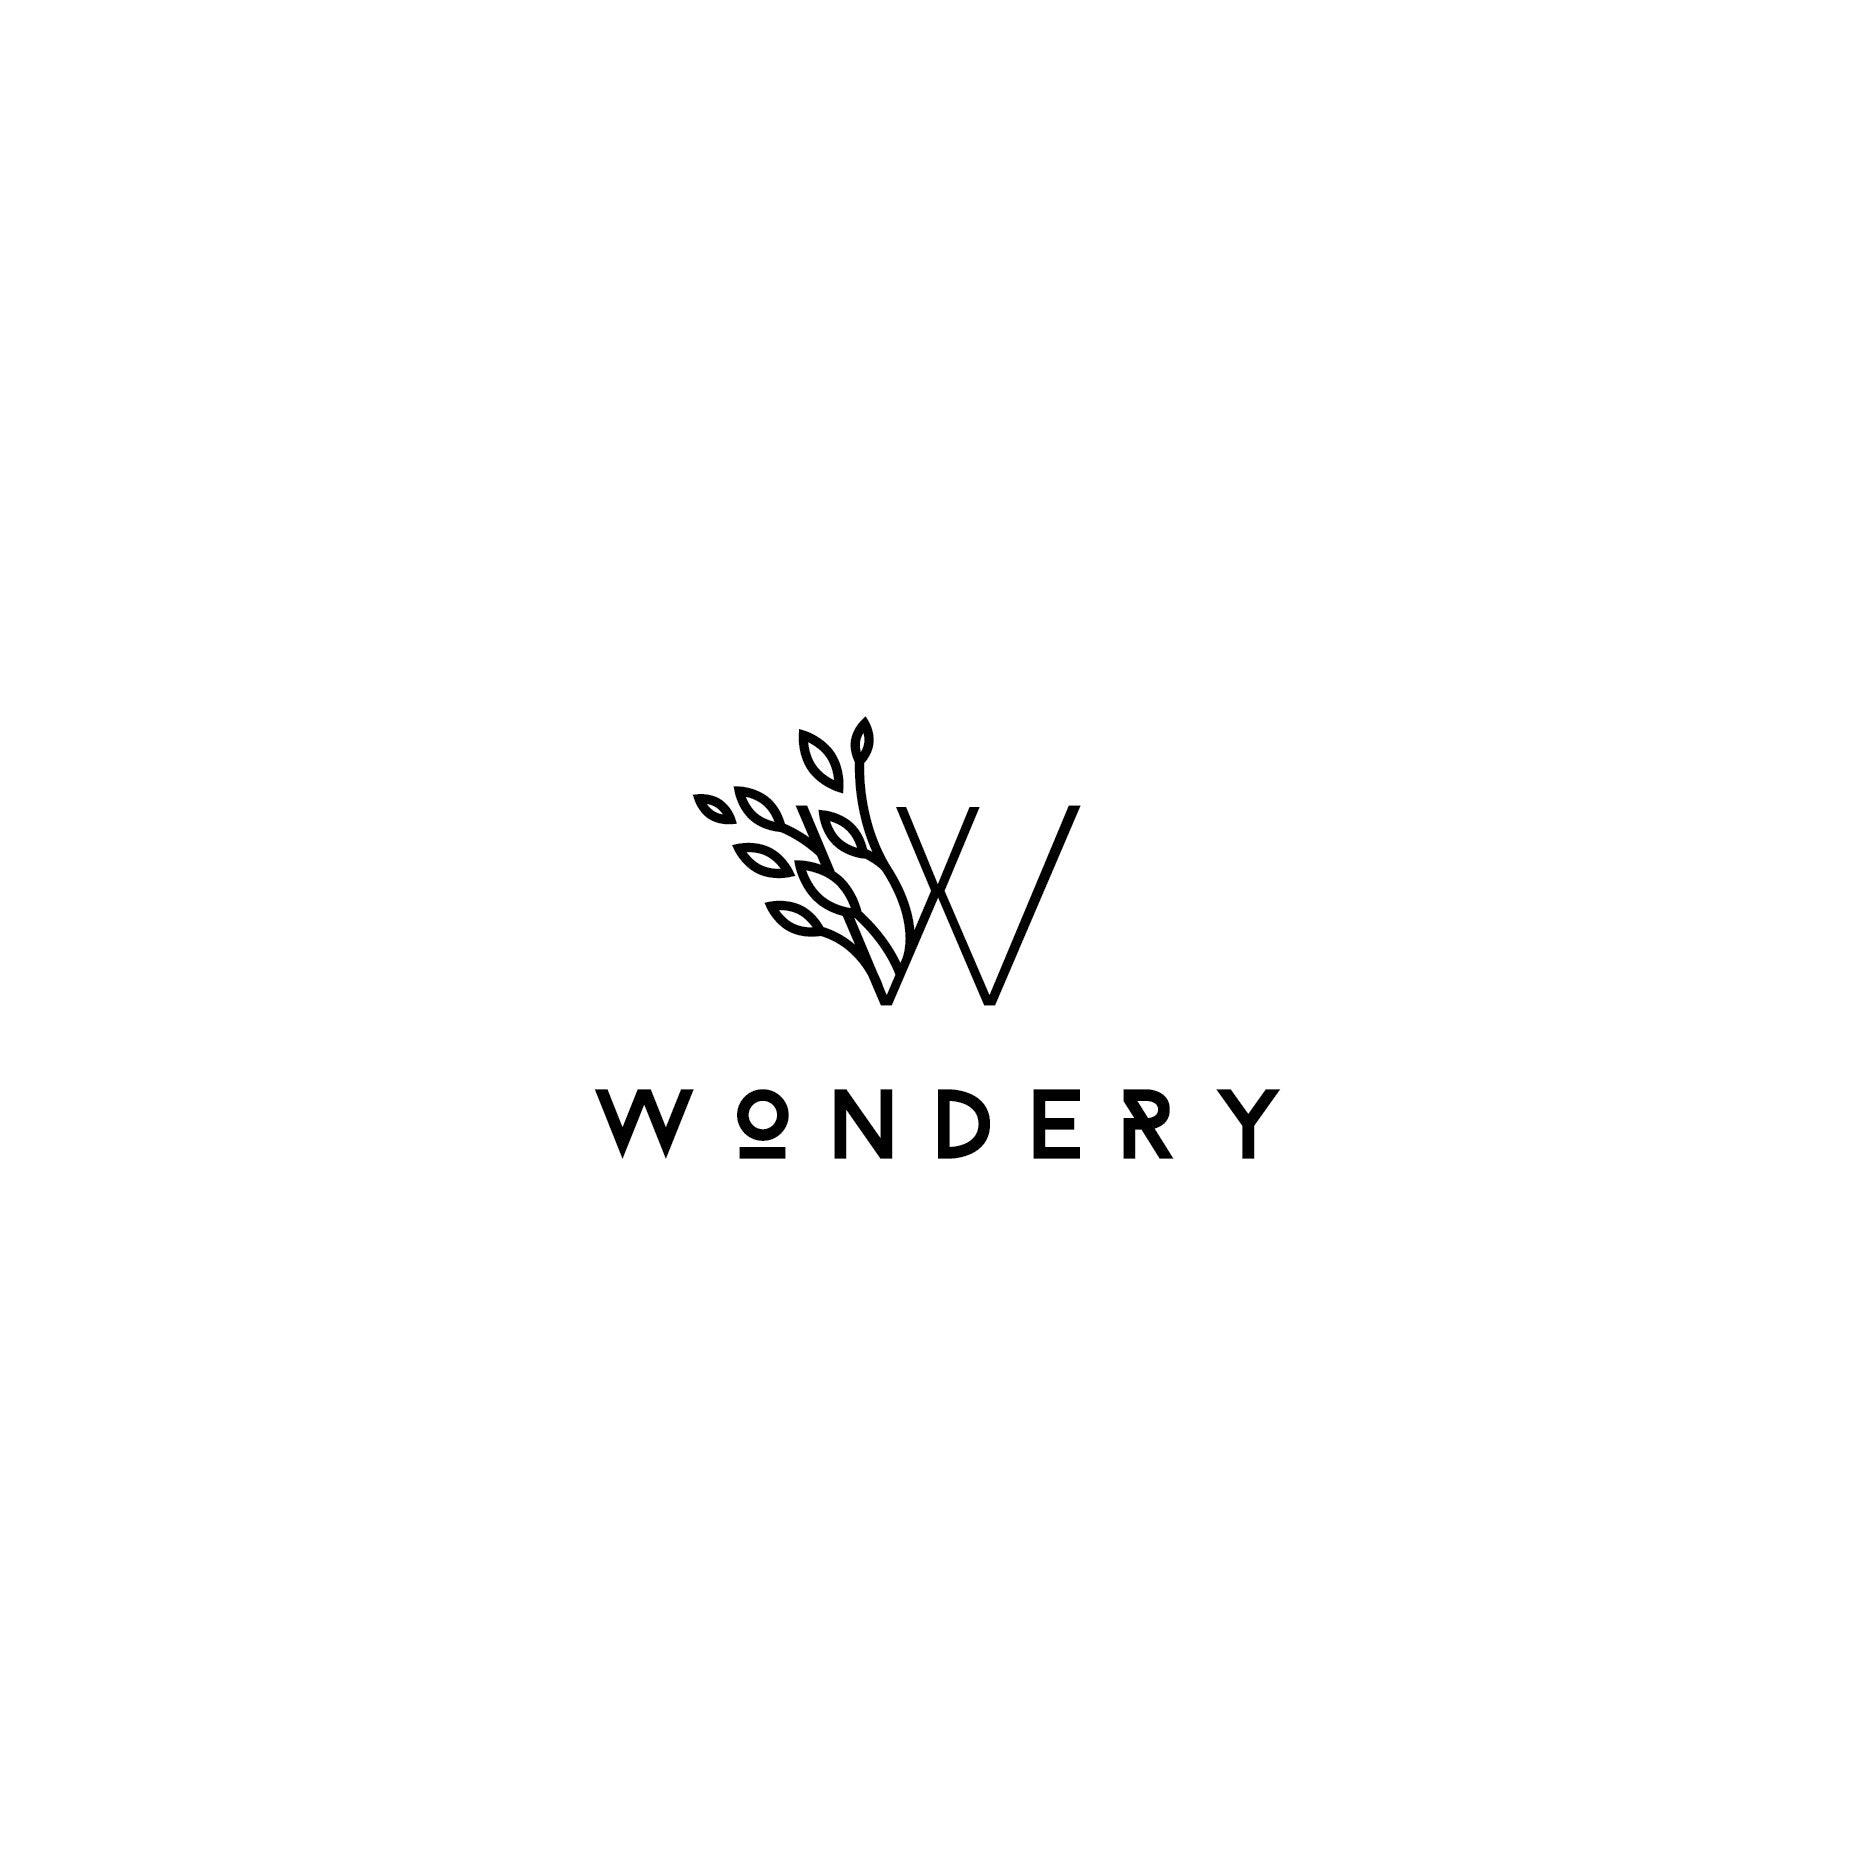 Leafy W logo